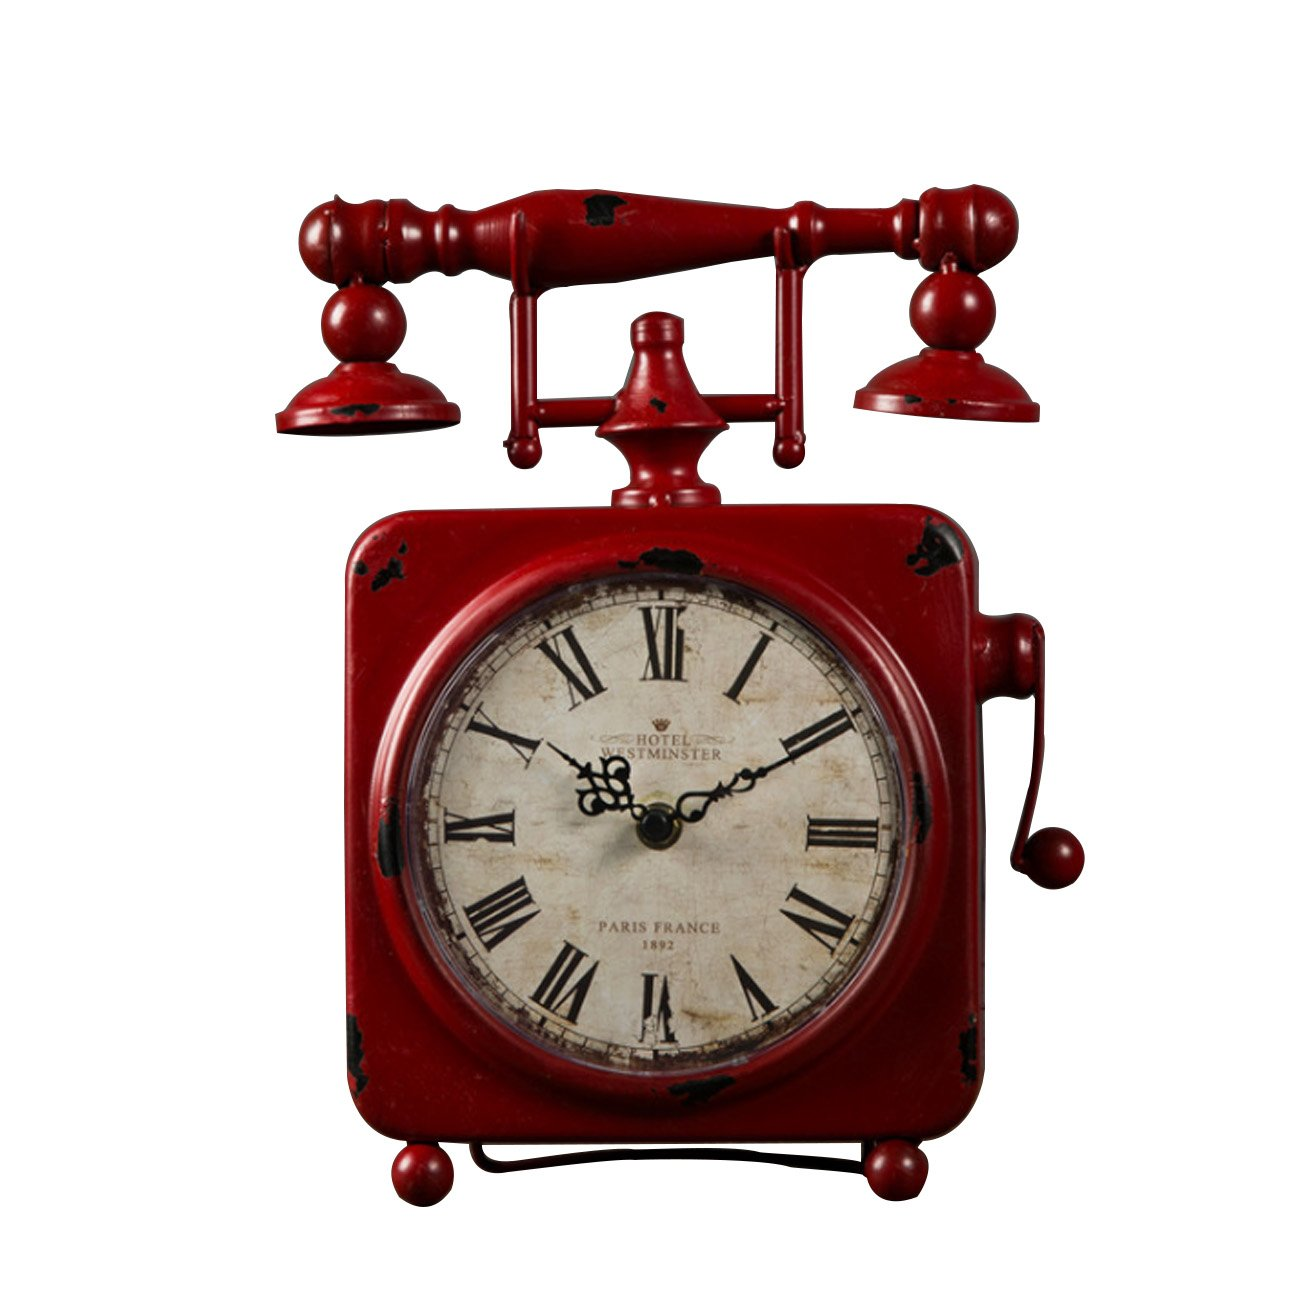 クロック クリエイティブレトロ鉄電話タイプテーブルクロックアメリカンスタイルは、リビングルームのカフェバーのホームオーナメント(23 * 30センチメートル) ウォールオーナメント (色 : 赤) B07F88MPXW赤